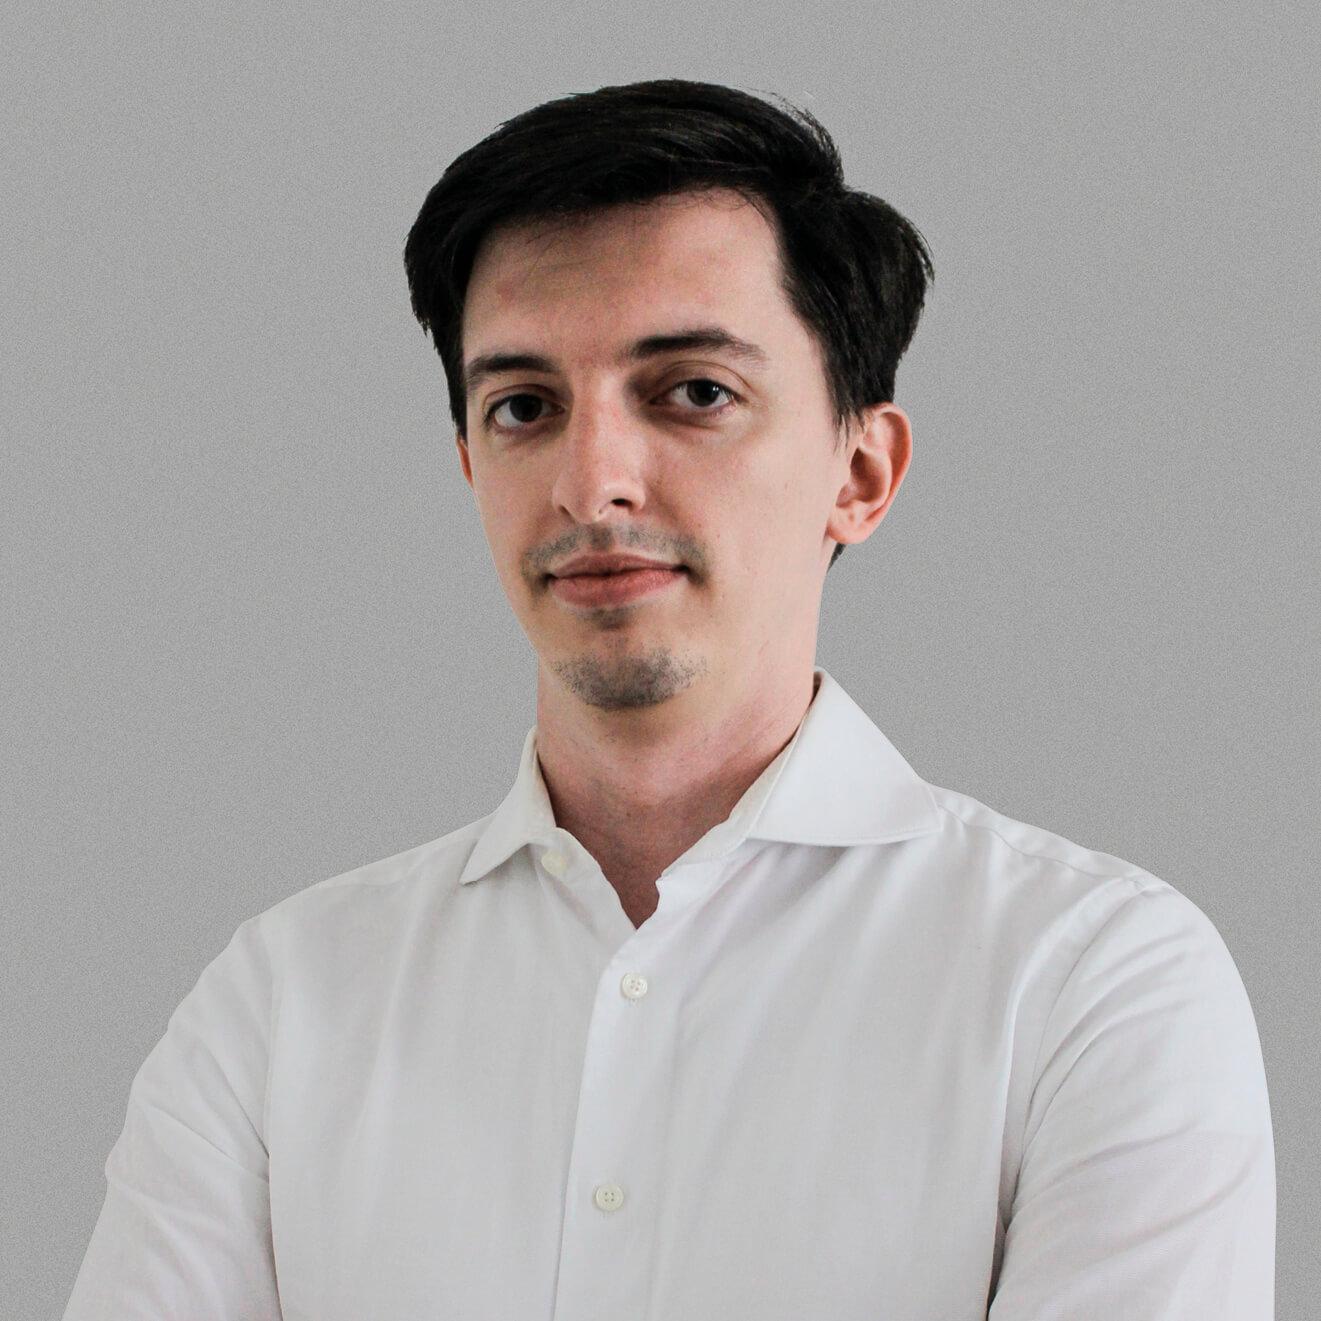 Matej Poliaček